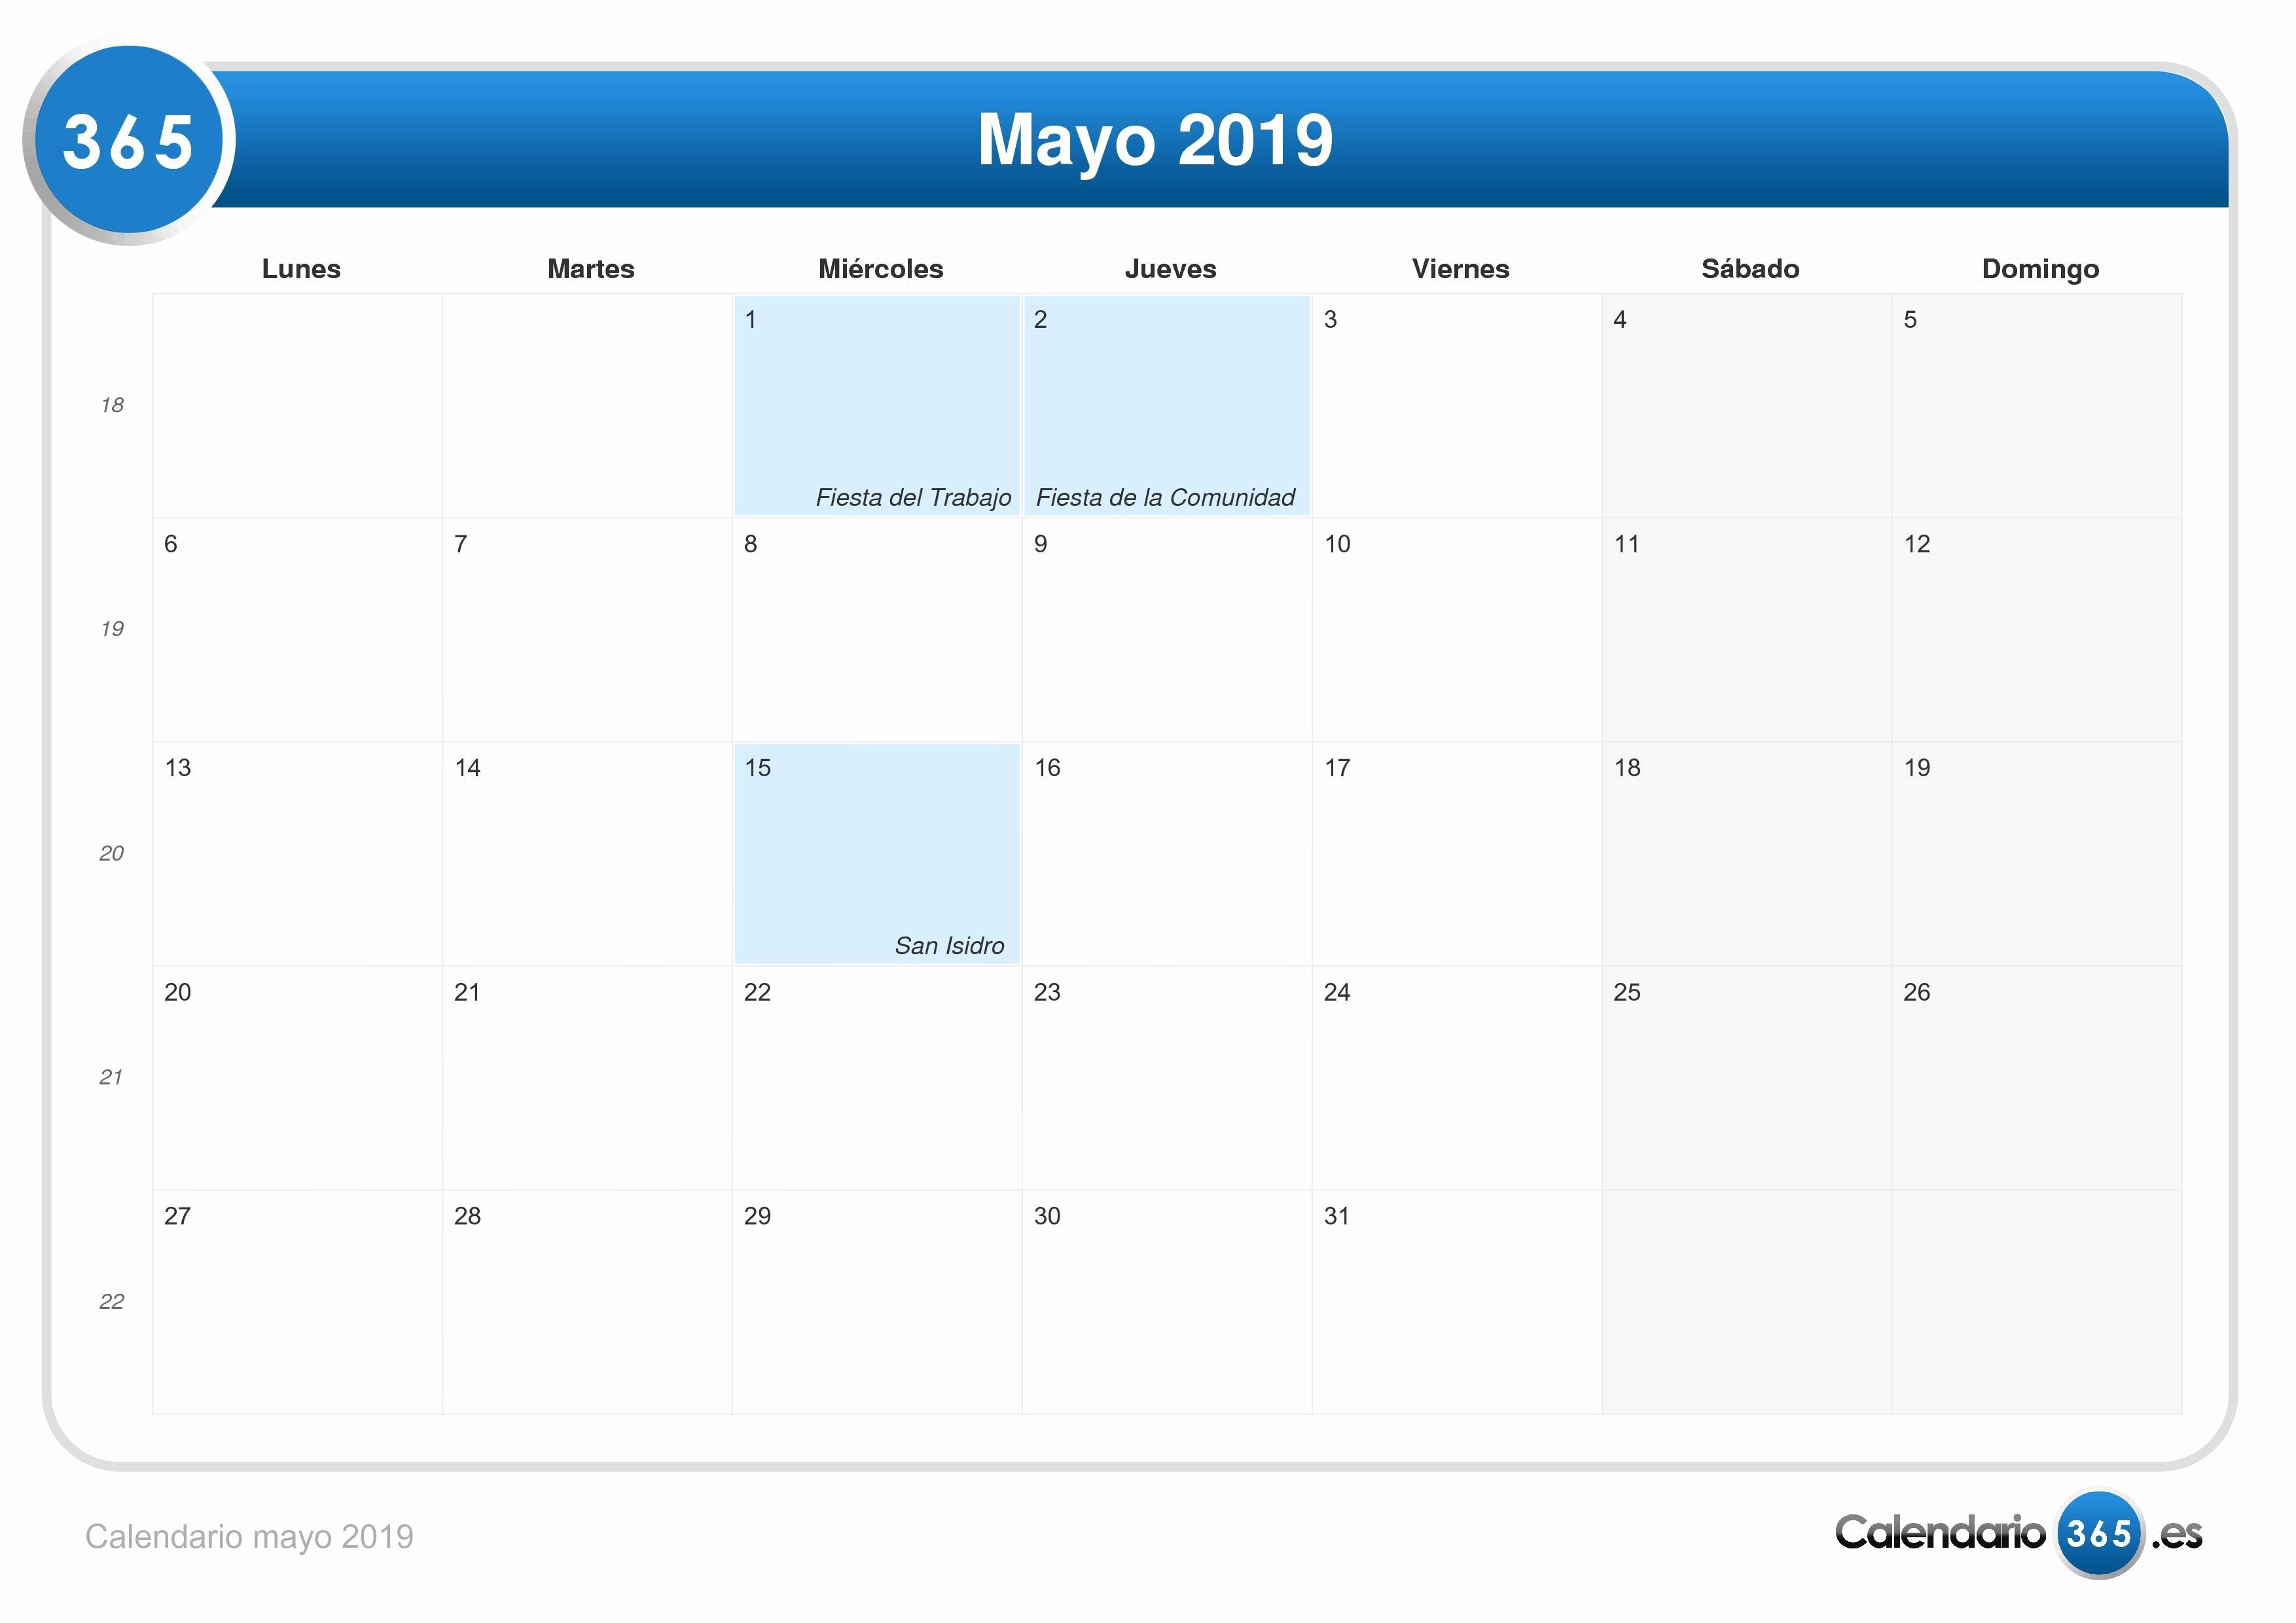 Calendario De Vacunacion 2019 Para Imprimir Más Populares De Lujo 51 Ejemplos Festivos 2019 Of Calendario De Vacunacion 2019 Para Imprimir Más Populares Hist³rico De Noticias